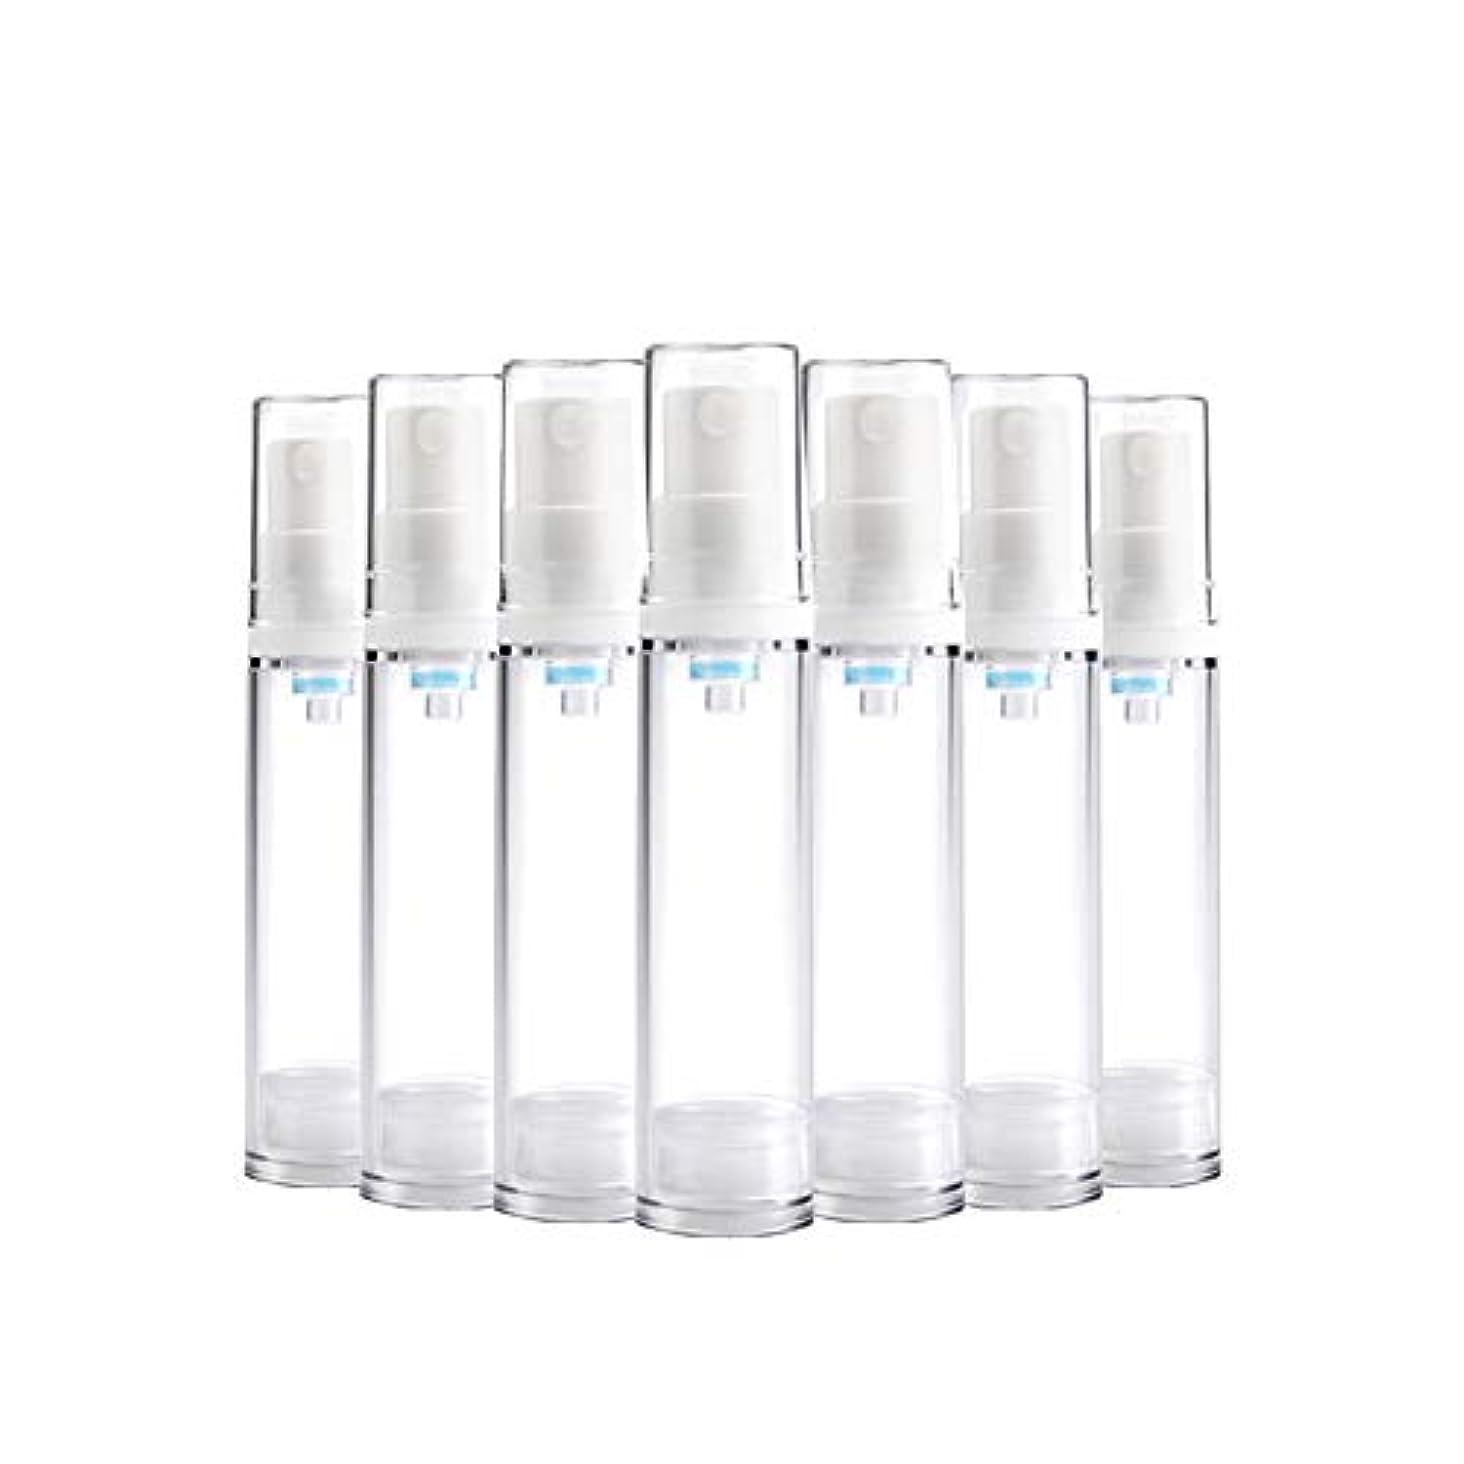 マーガレットミッチェル抹消アライアンス6 PCS熱望透明プラスチックエアロゾルスプレーボトルエアレスポンプスプレーボトル 詰め替えファインミストエアレススプレー(15ml 30ml) BPAフリー - 30 ml